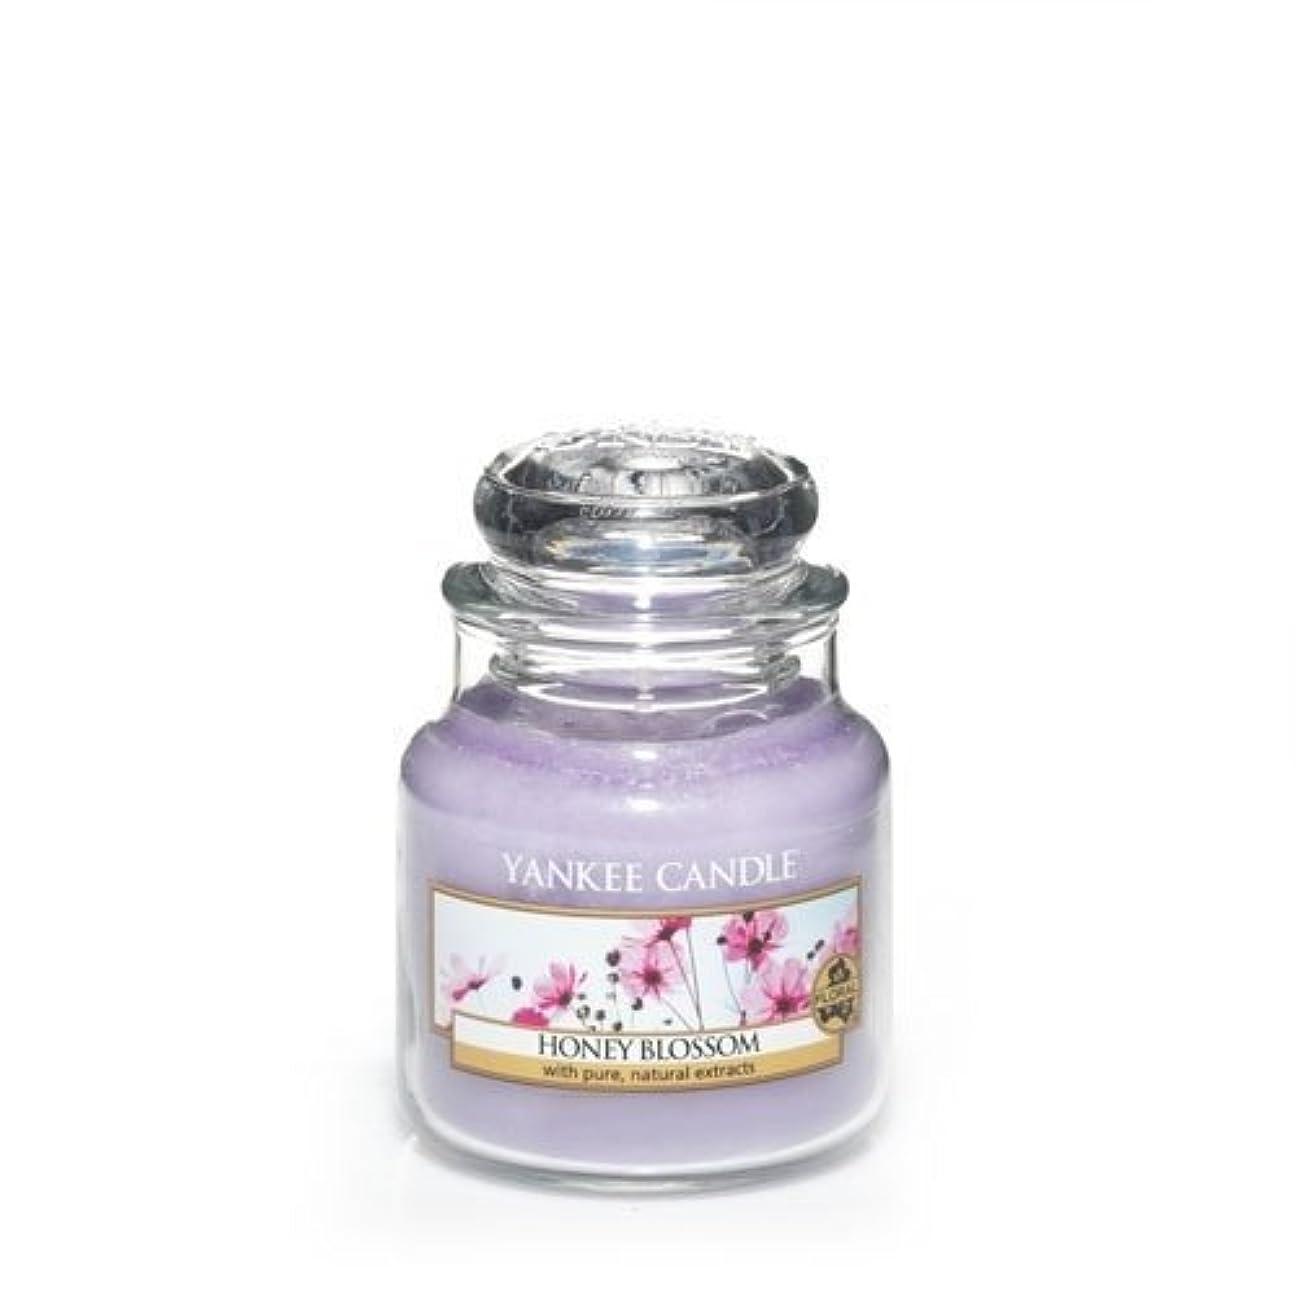 事故置換デマンドYankee Candle Honey Blossom Small Jar Candle, Floral Scent by Yankee Candle [並行輸入品]